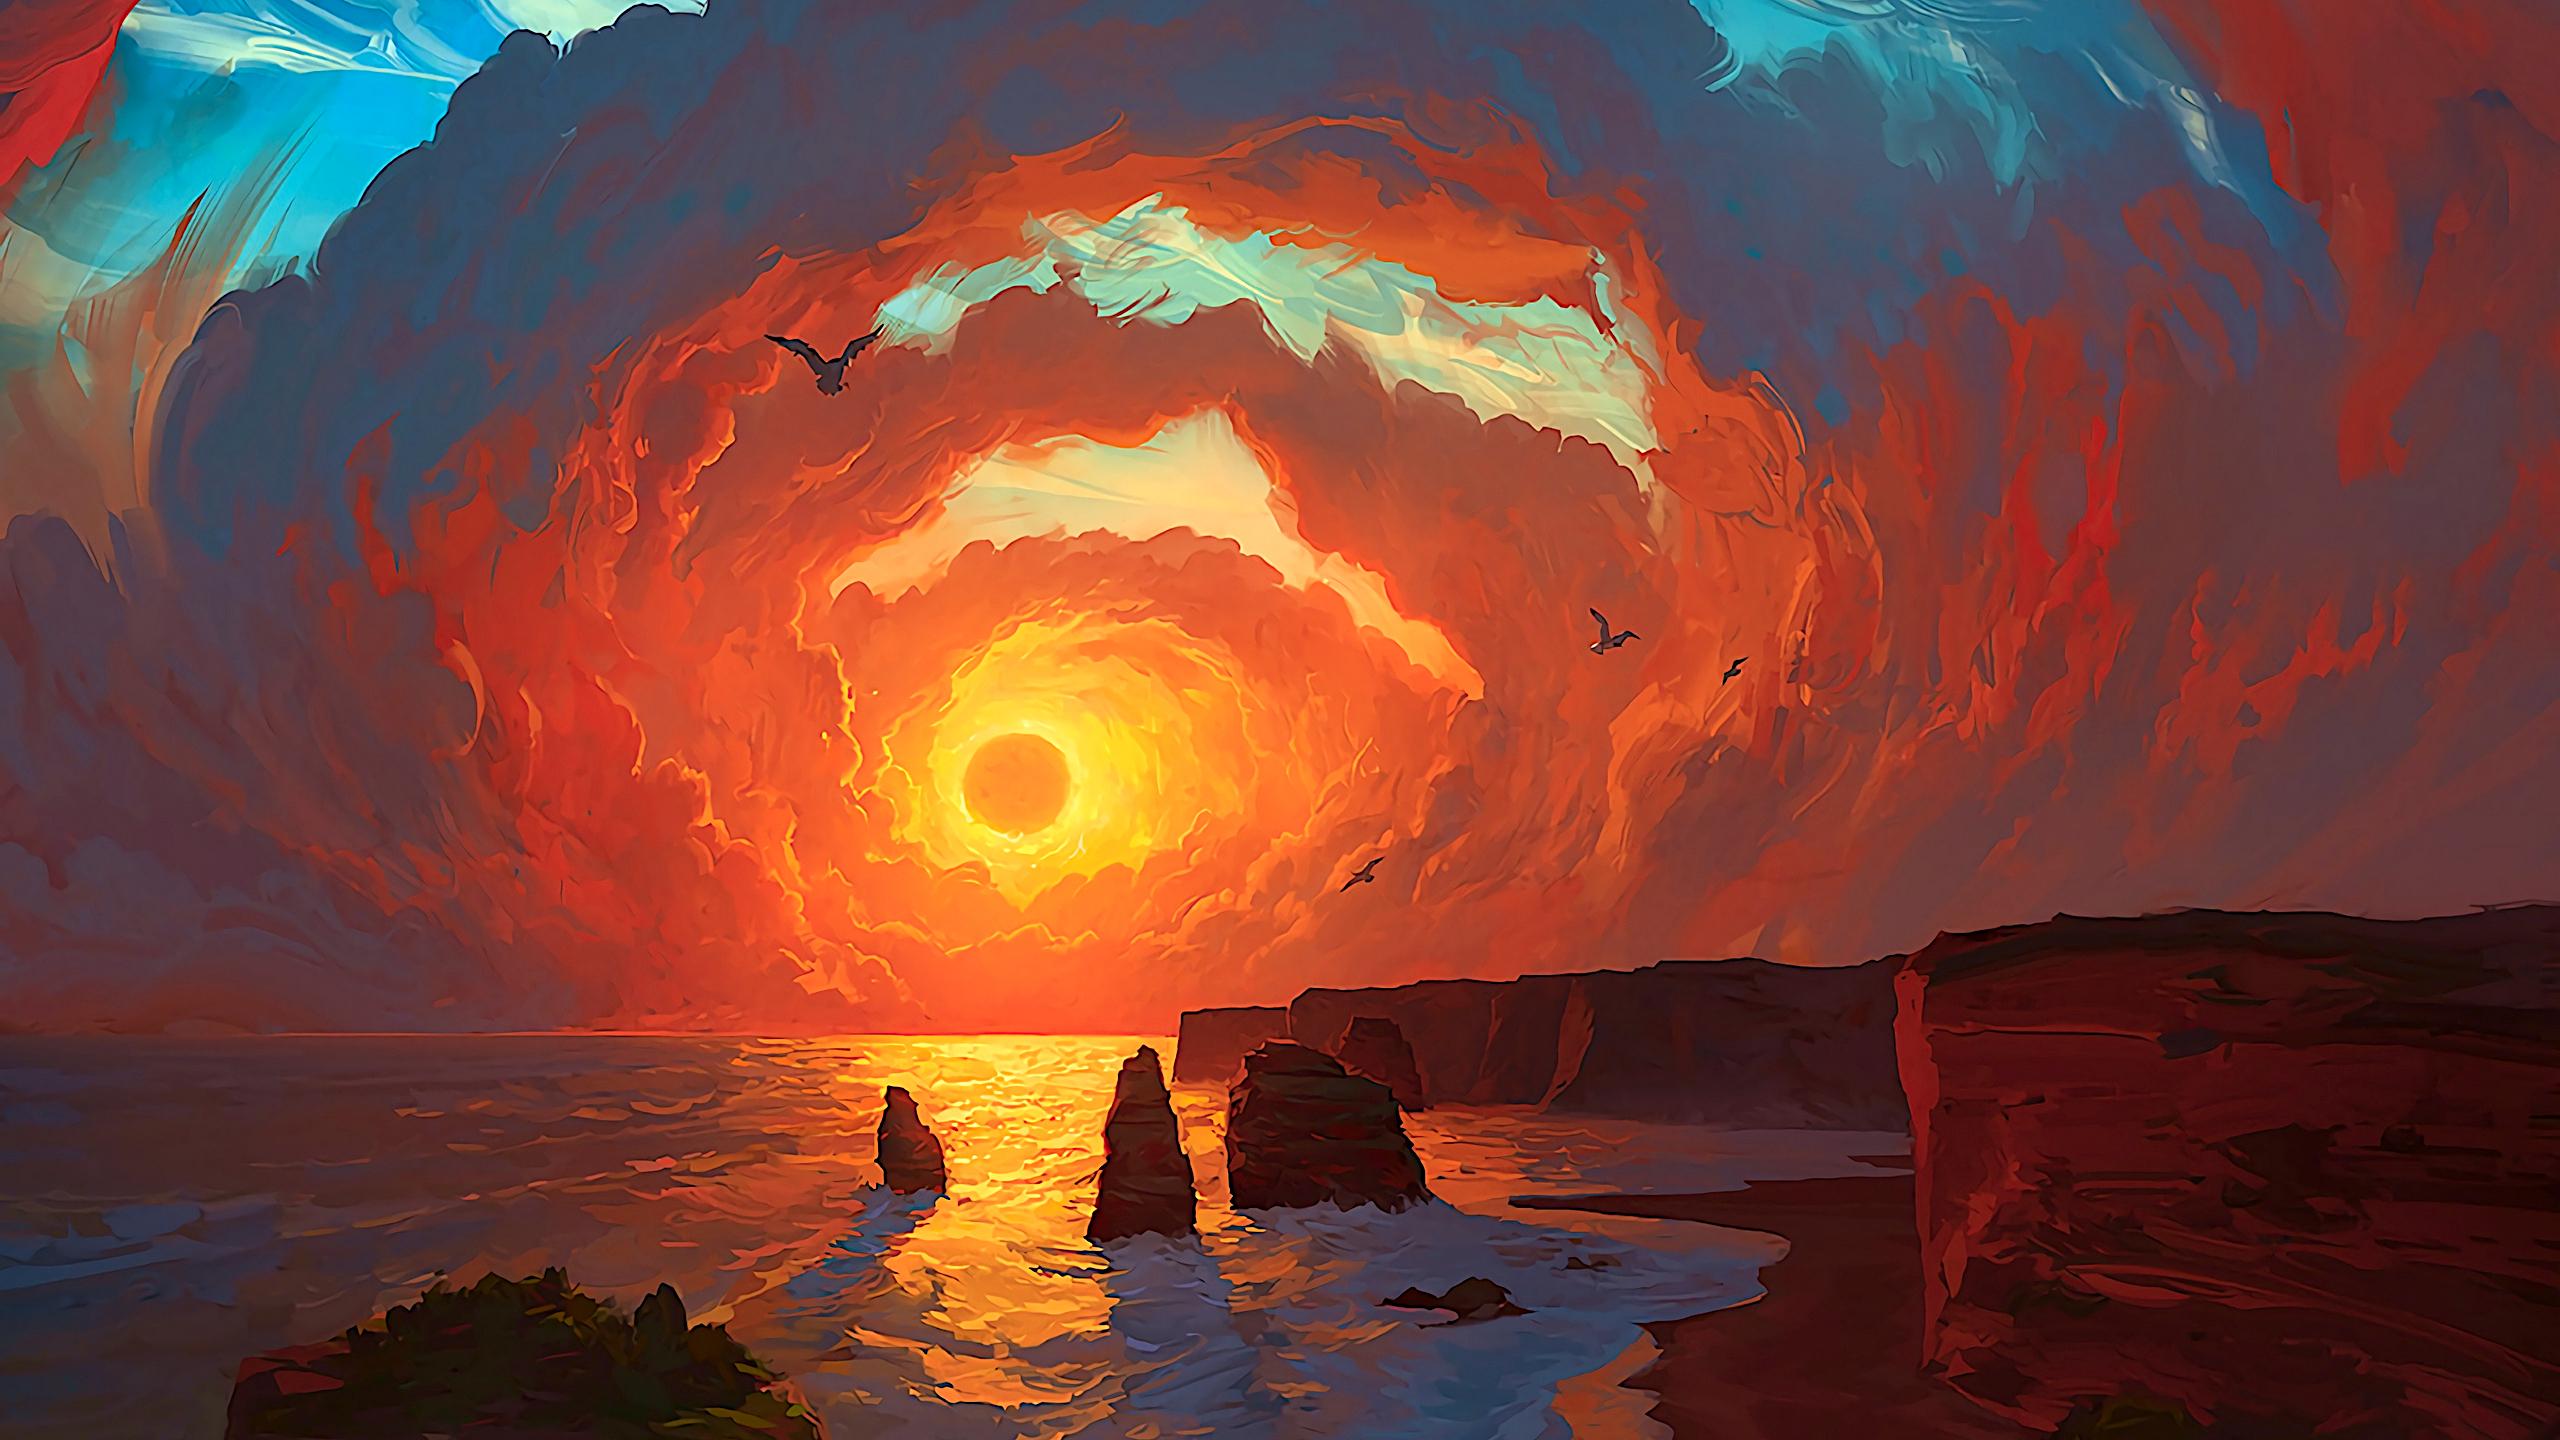 sunsetpaintingsea.jpg